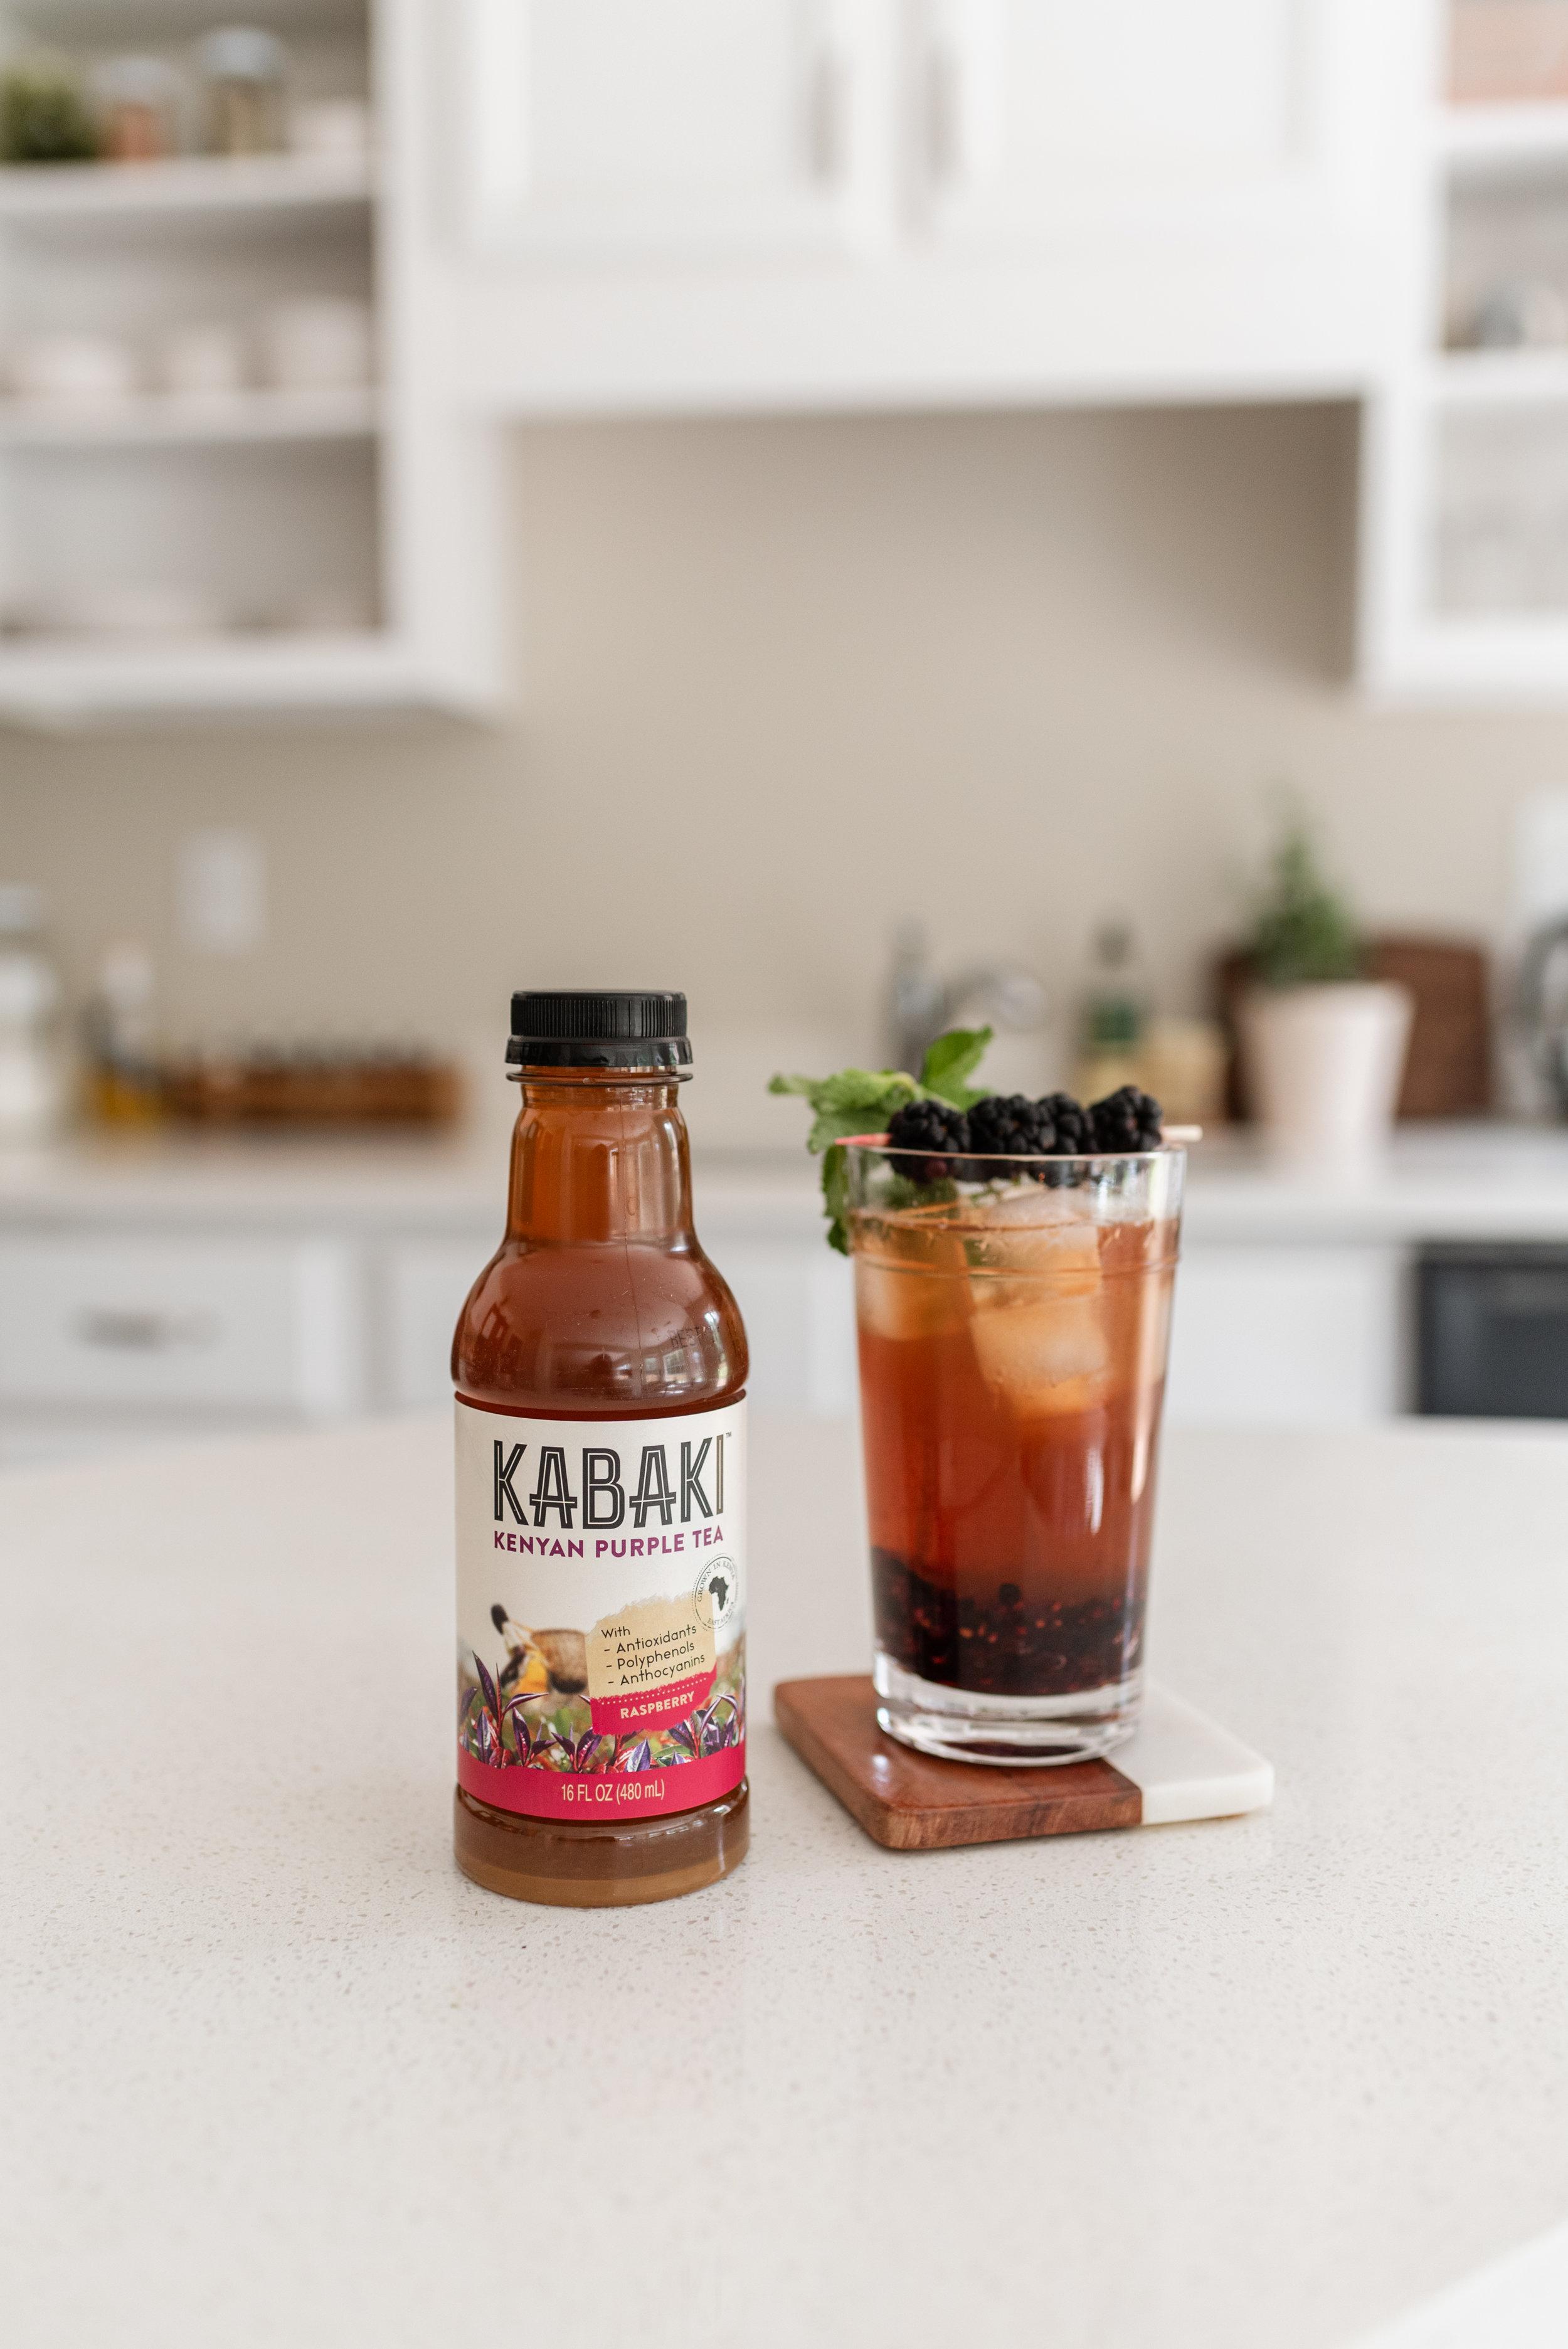 Kabaki-3.JPG